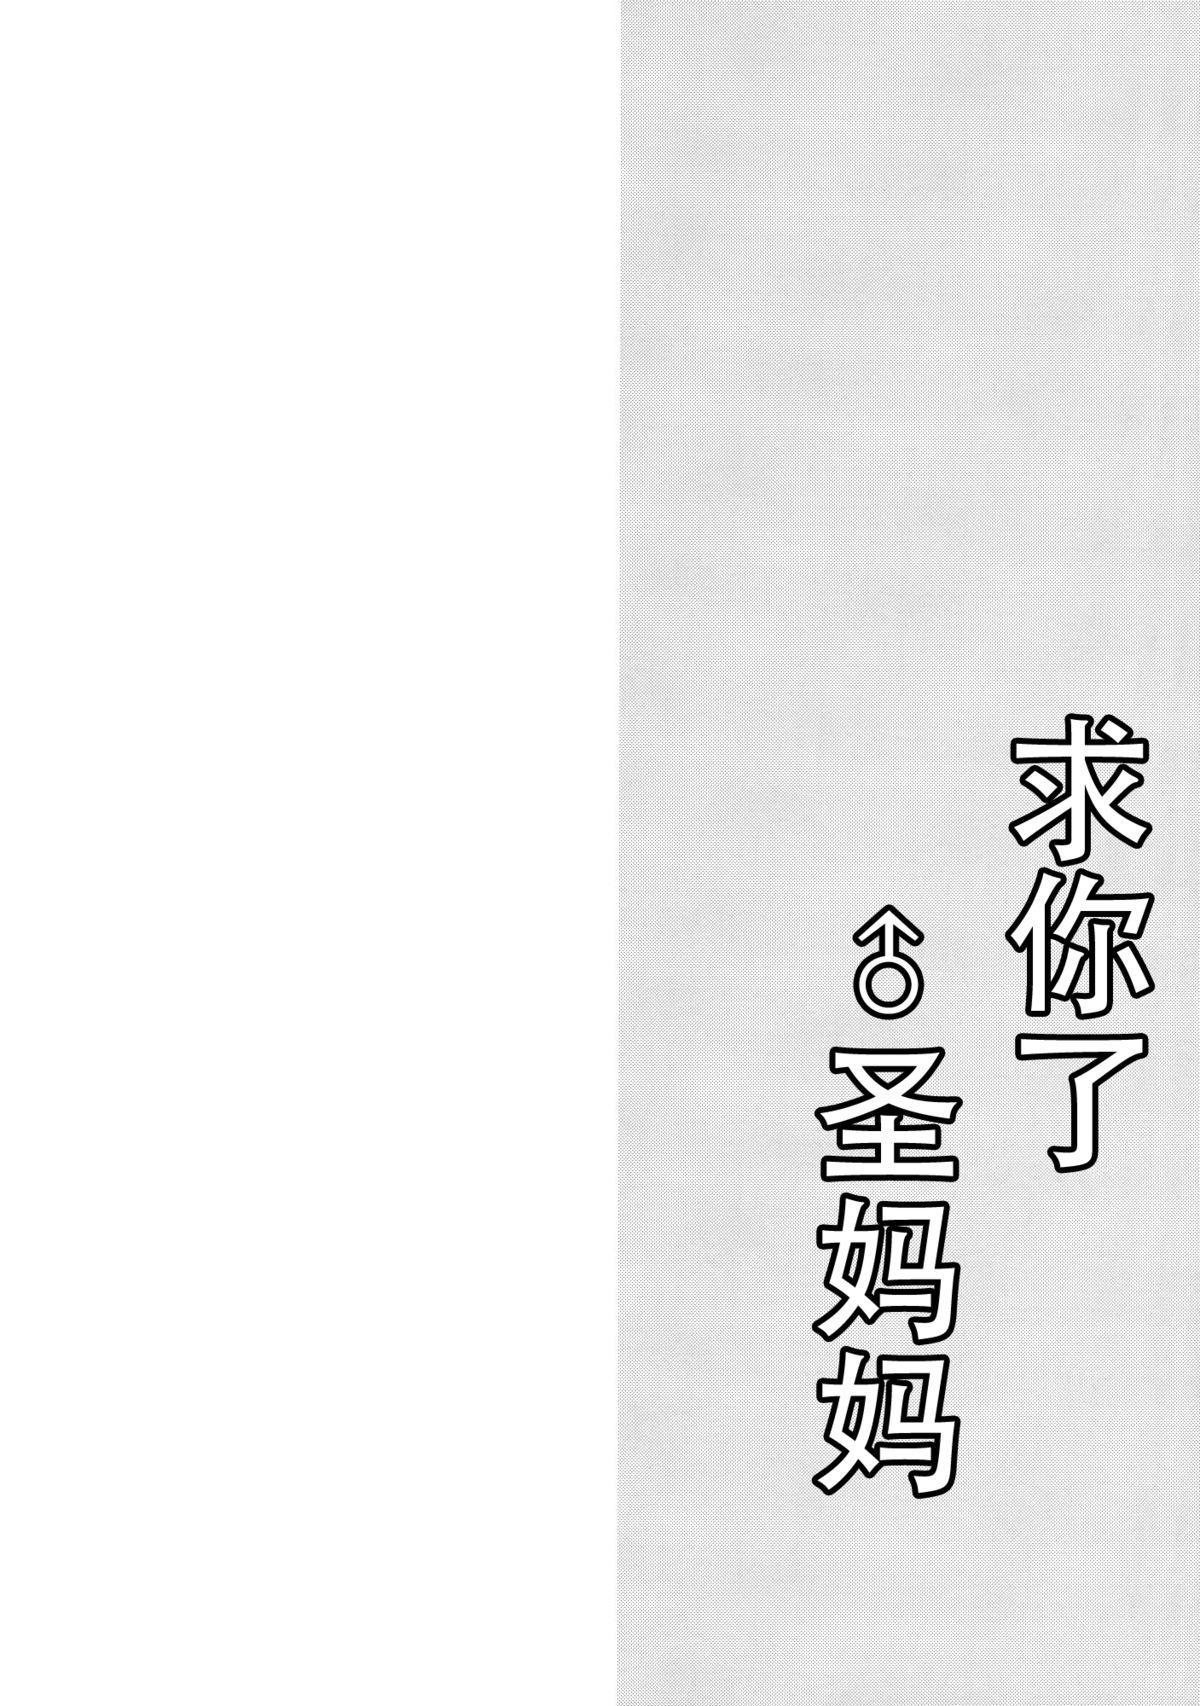 Hijiri-mama ni Onegai 26